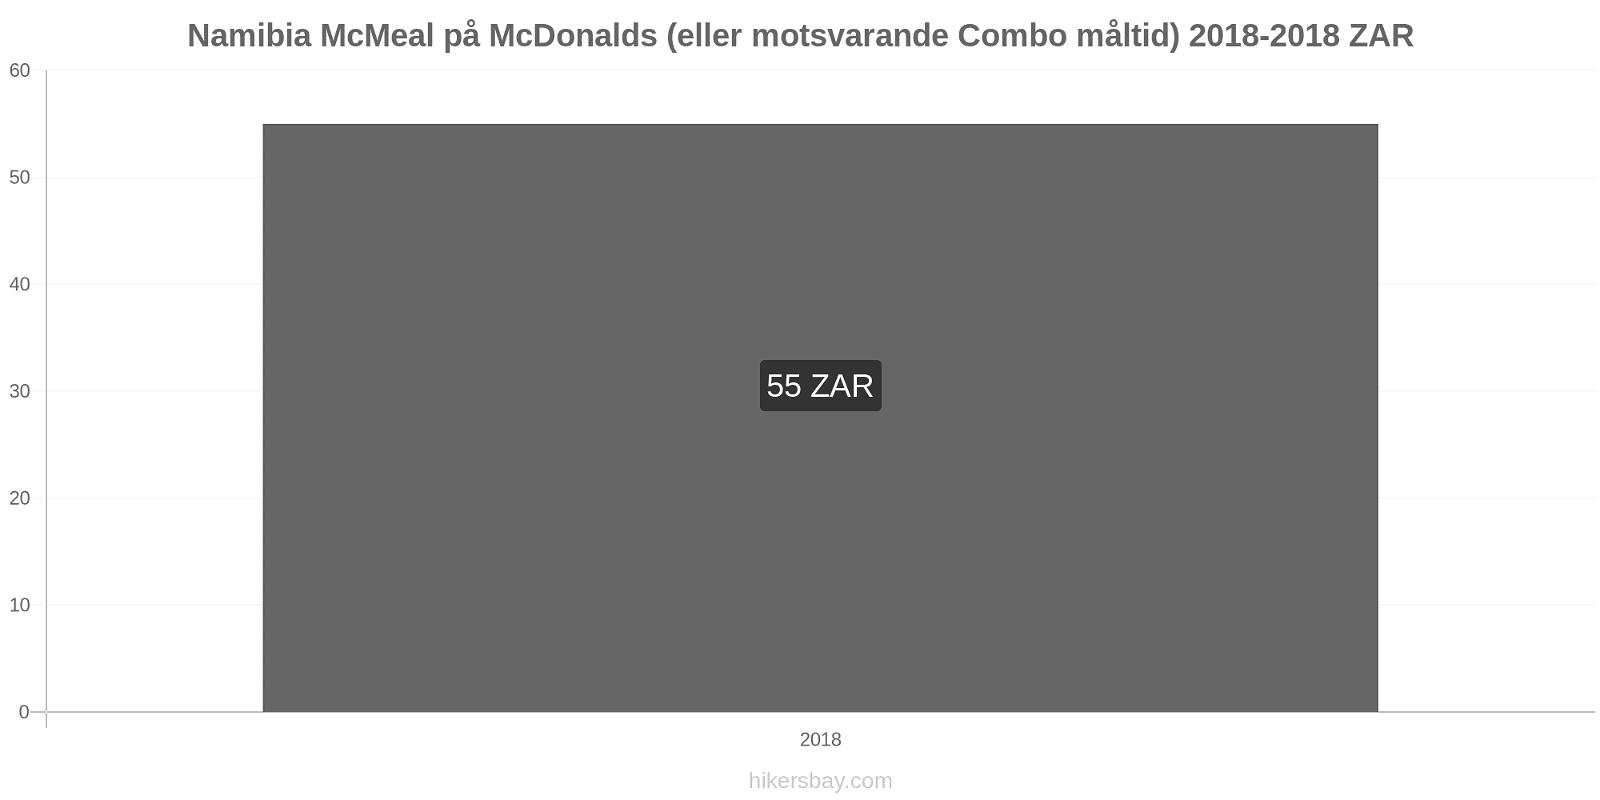 Namibia prisförändringar McMeal på McDonalds (eller motsvarande Combo måltid) hikersbay.com